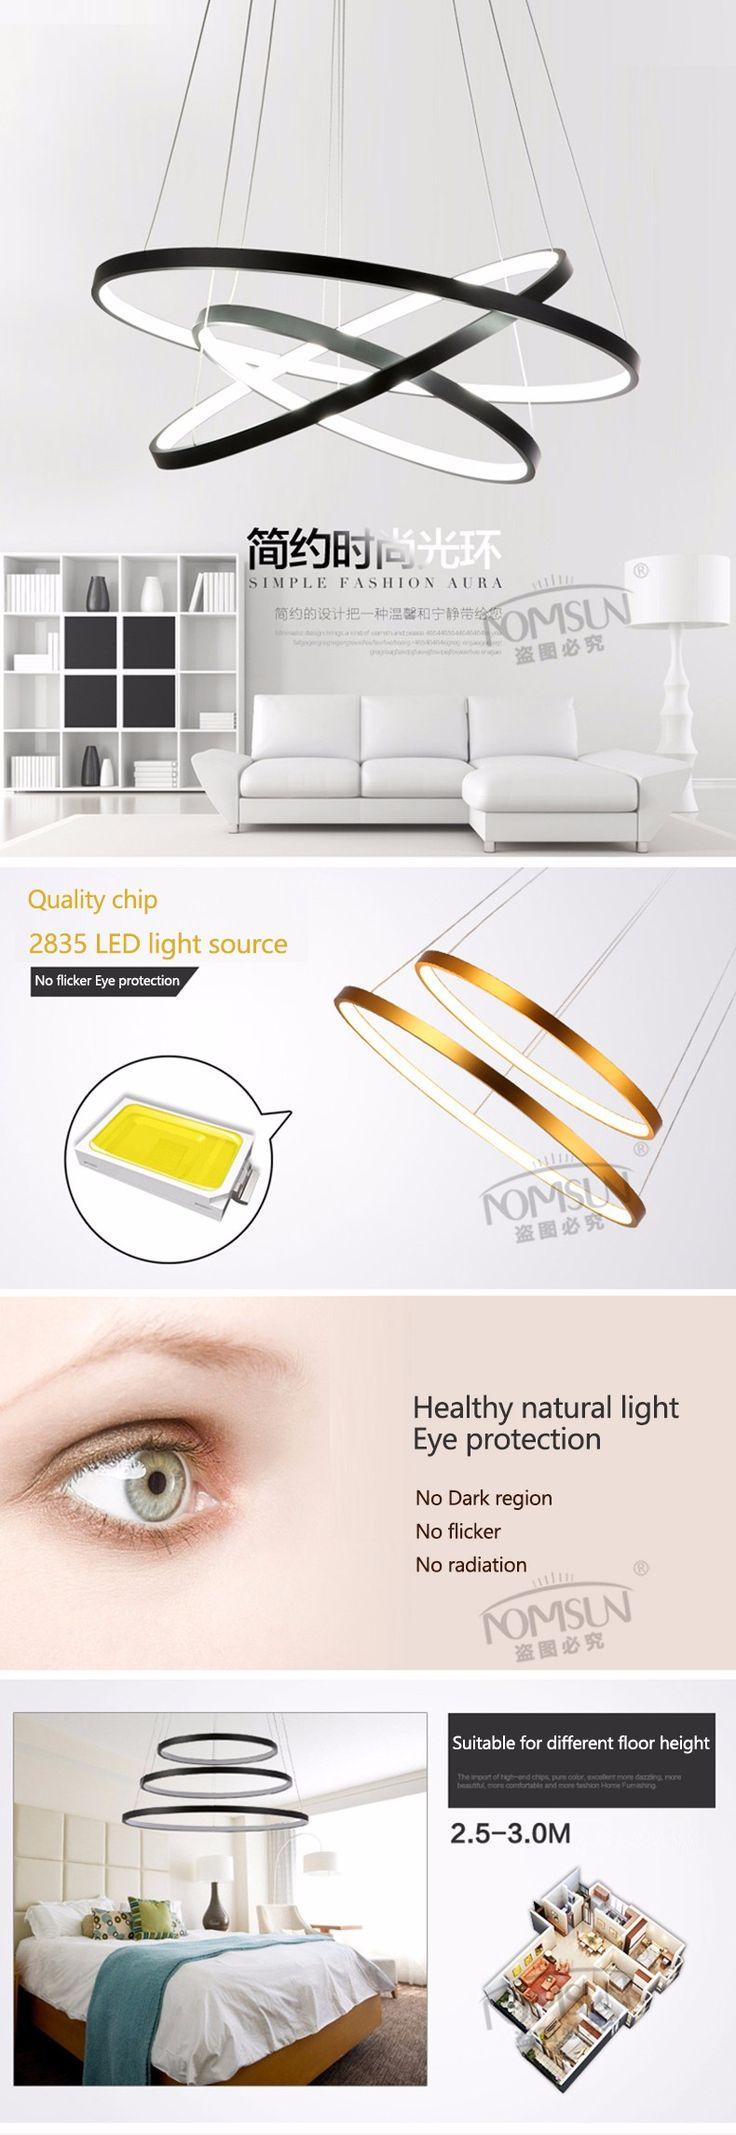 Lampe cuisine moderne plafonnier design moderne lustre led lampe de corridor lampe de cuisine - Faience corridor ...